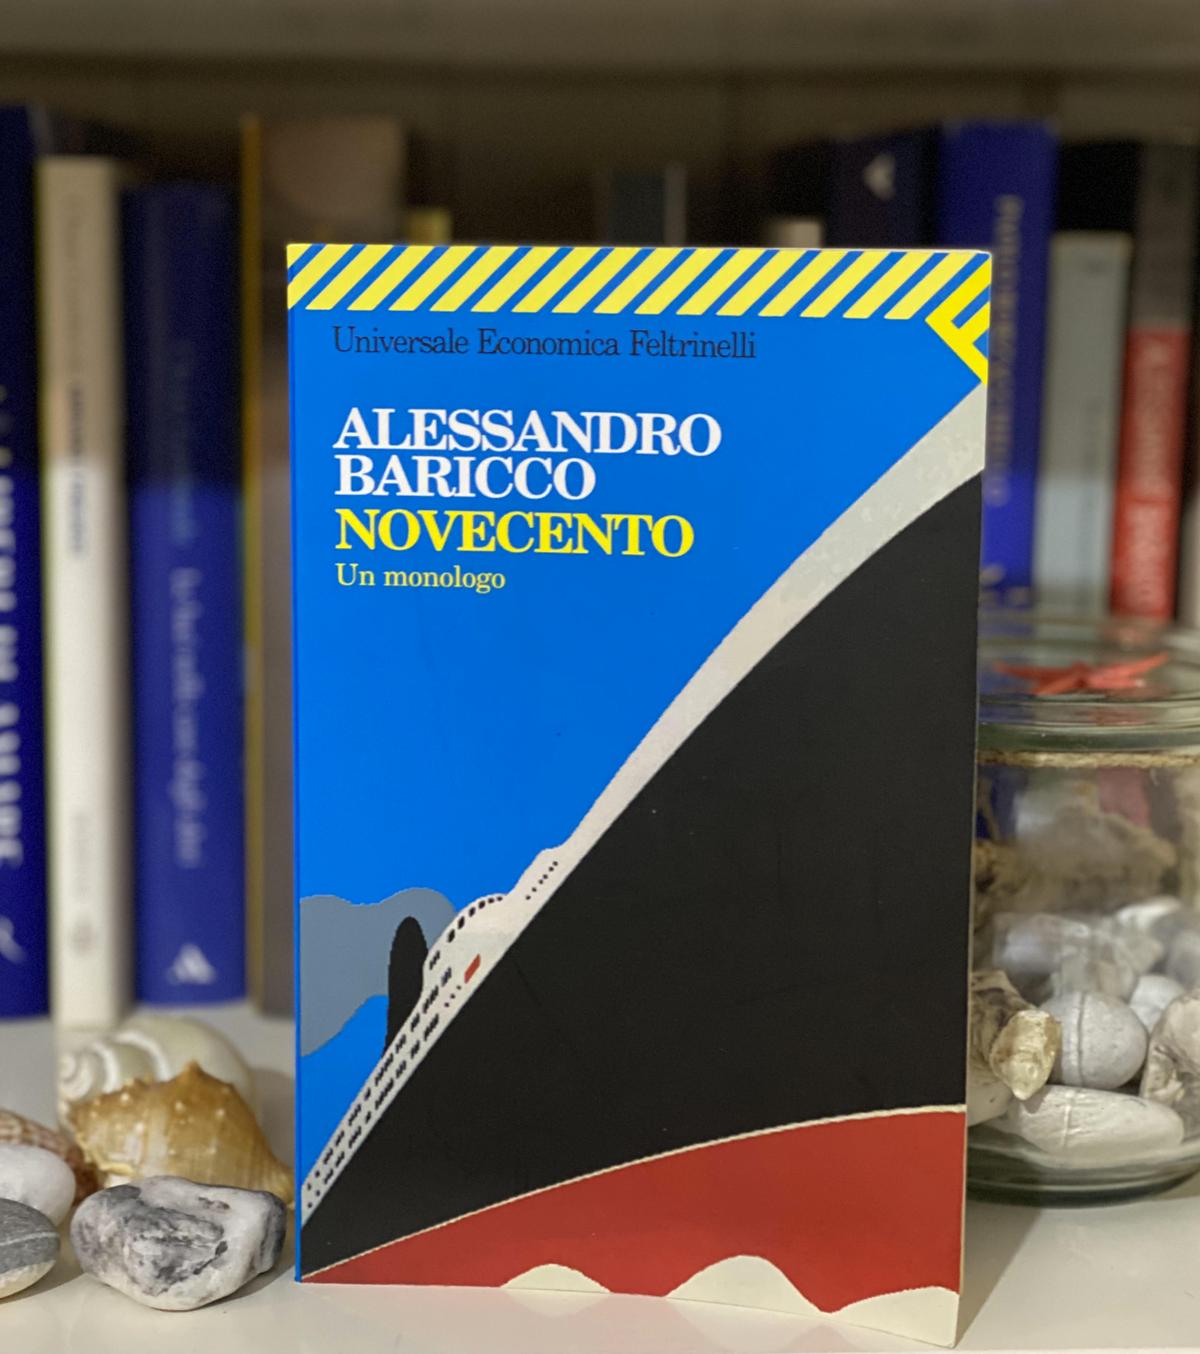 Recensione Alessandro Baricco Novecento